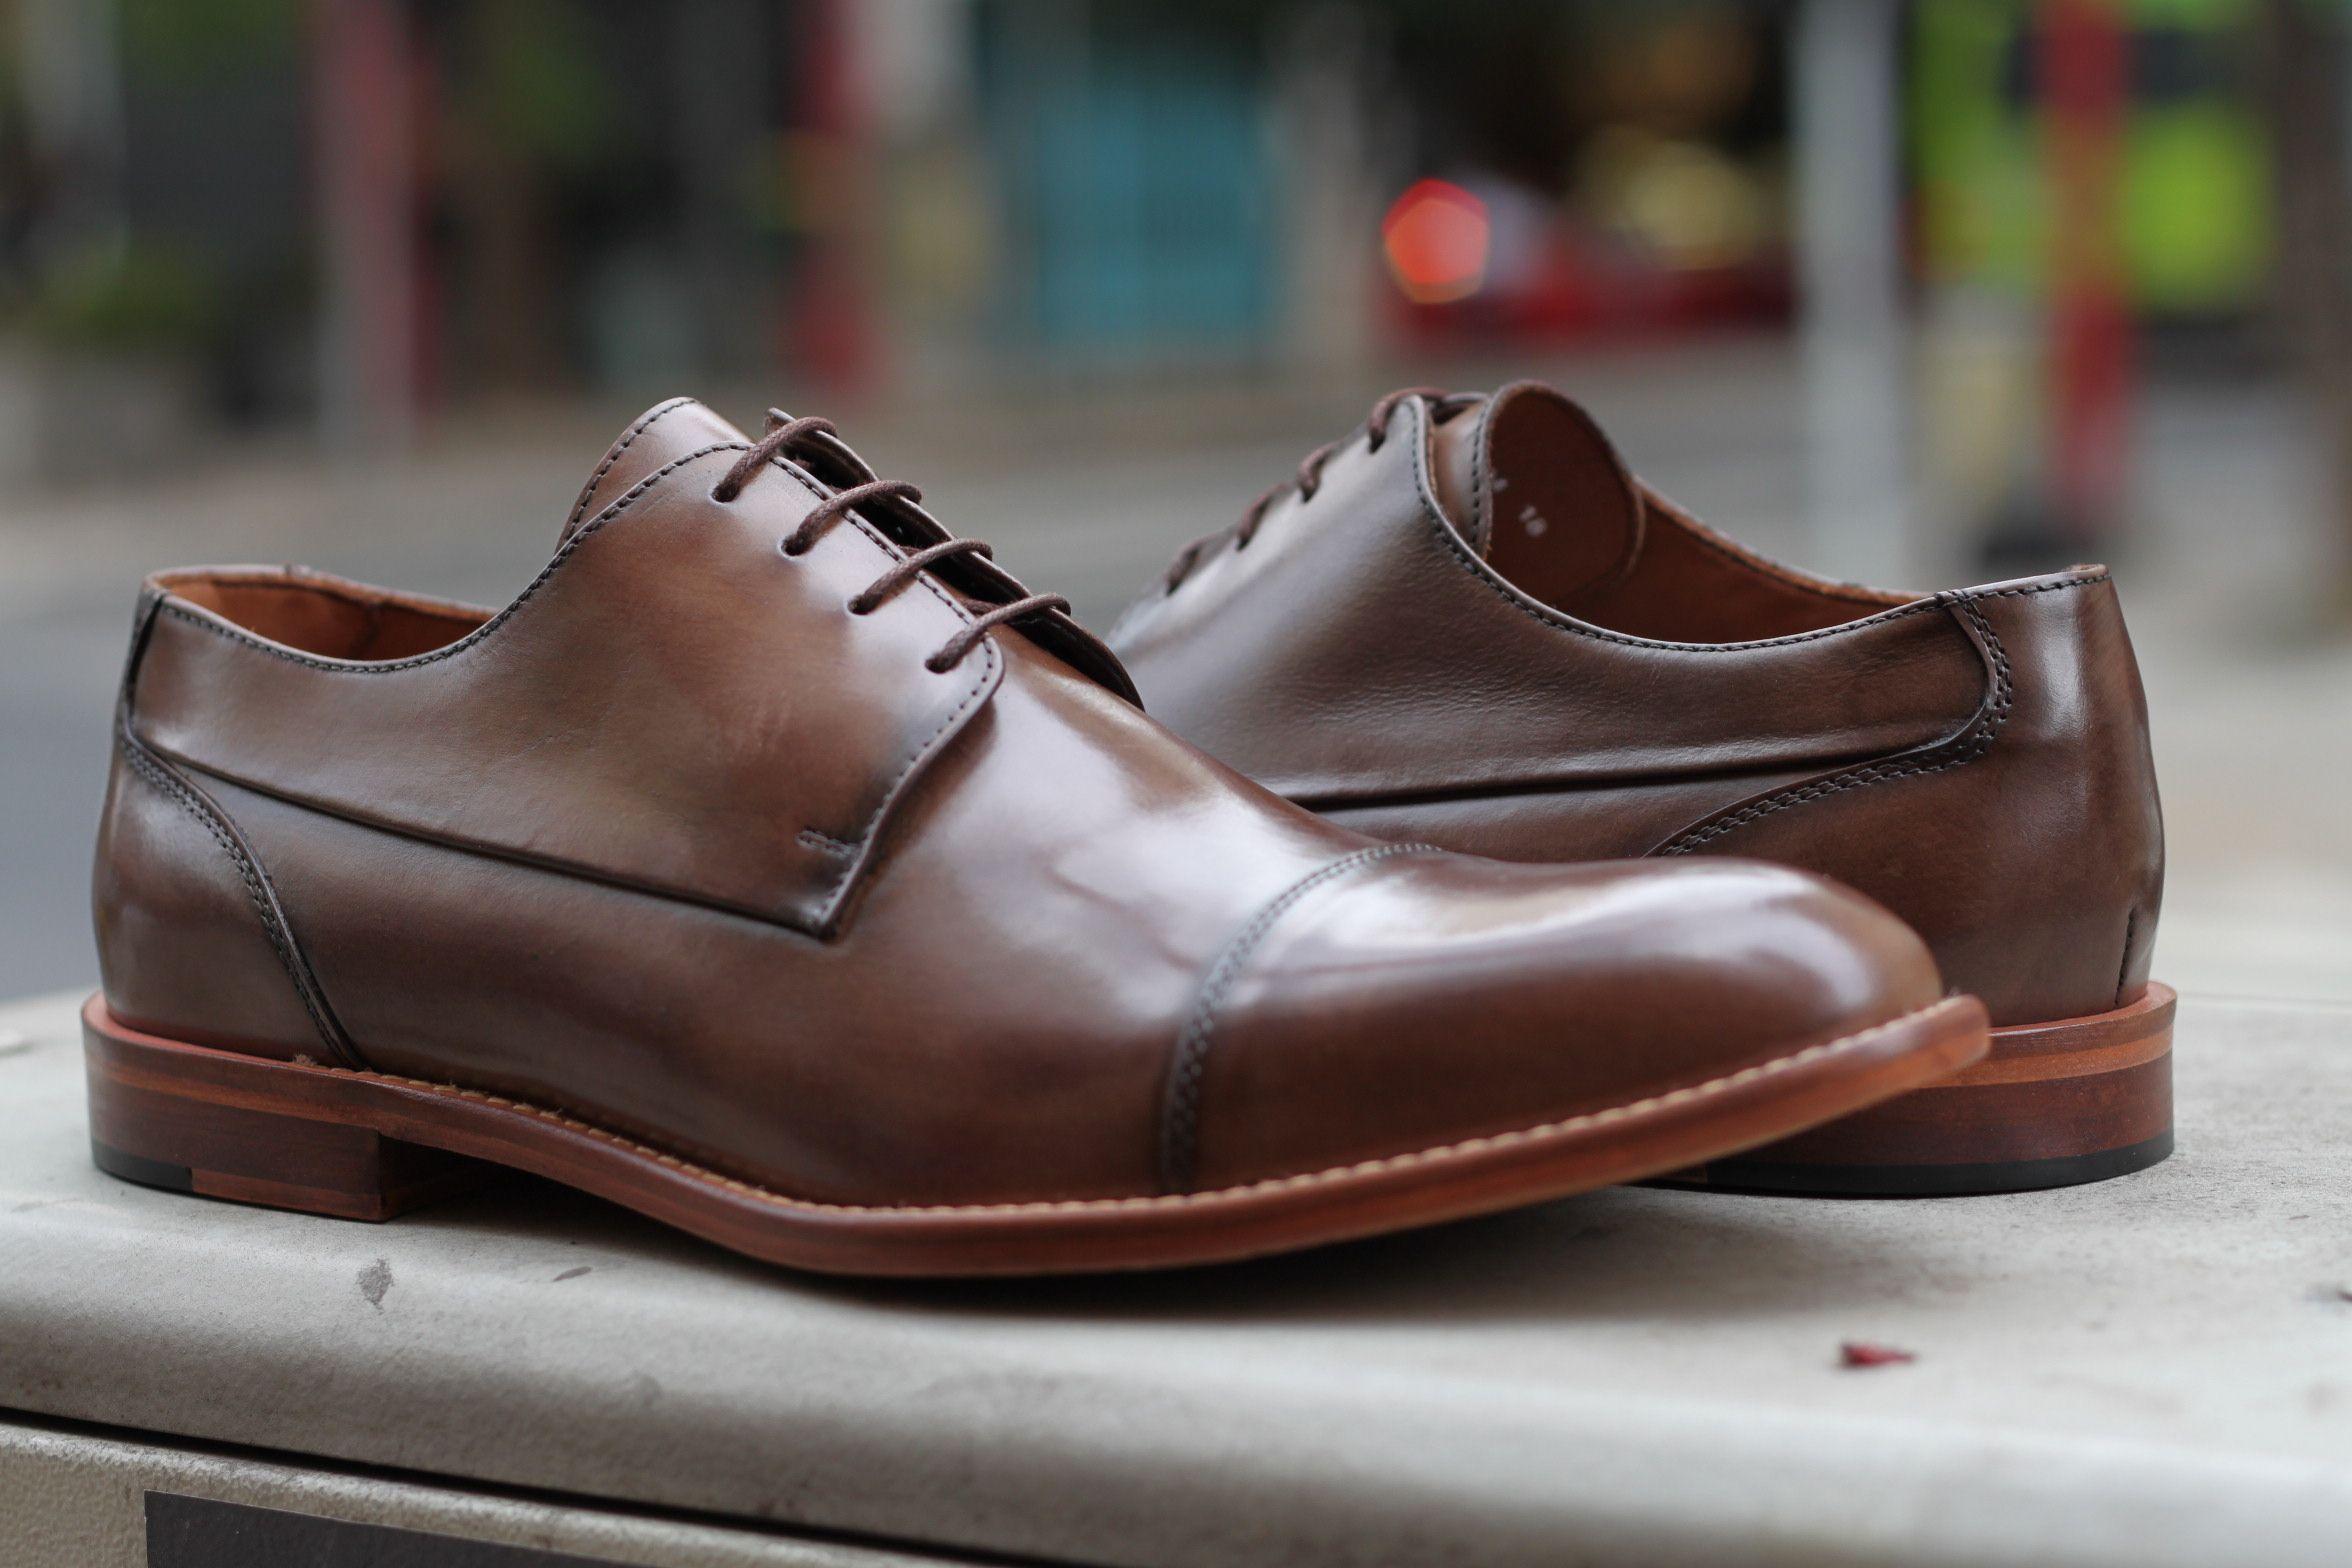 4087e54263 Sapato Social Masculino Derby CNS em couro cor Sand com sola de couro e  forro em